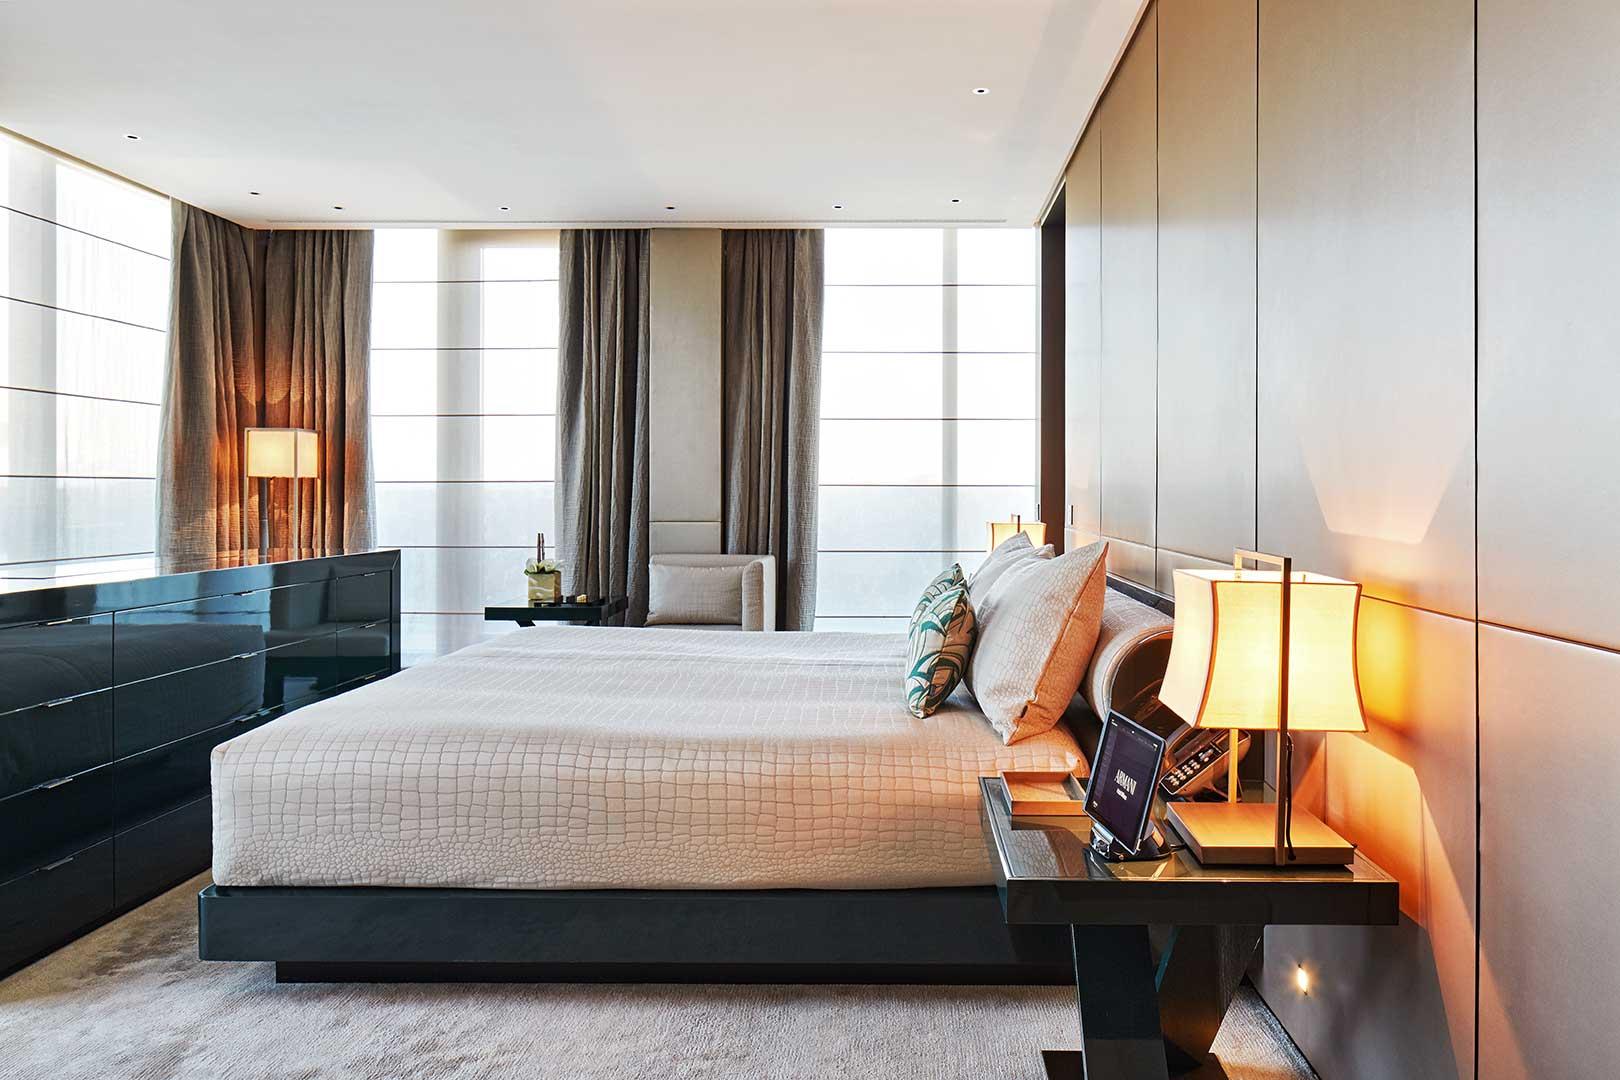 Armani Hotel Milano Milan Italy